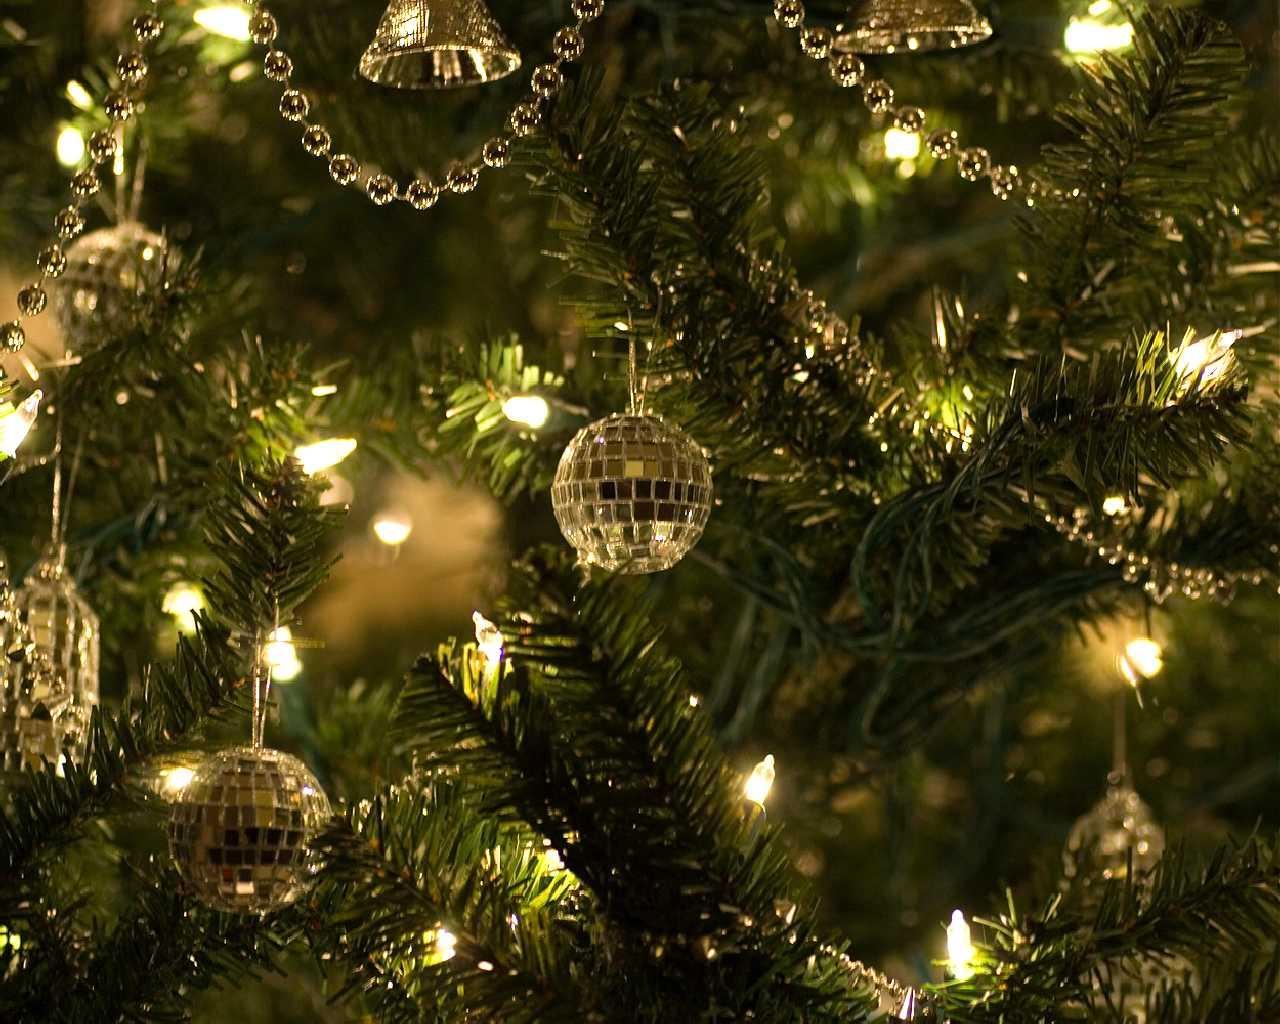 David al día: El espíritu de la Navidad también en crisis I